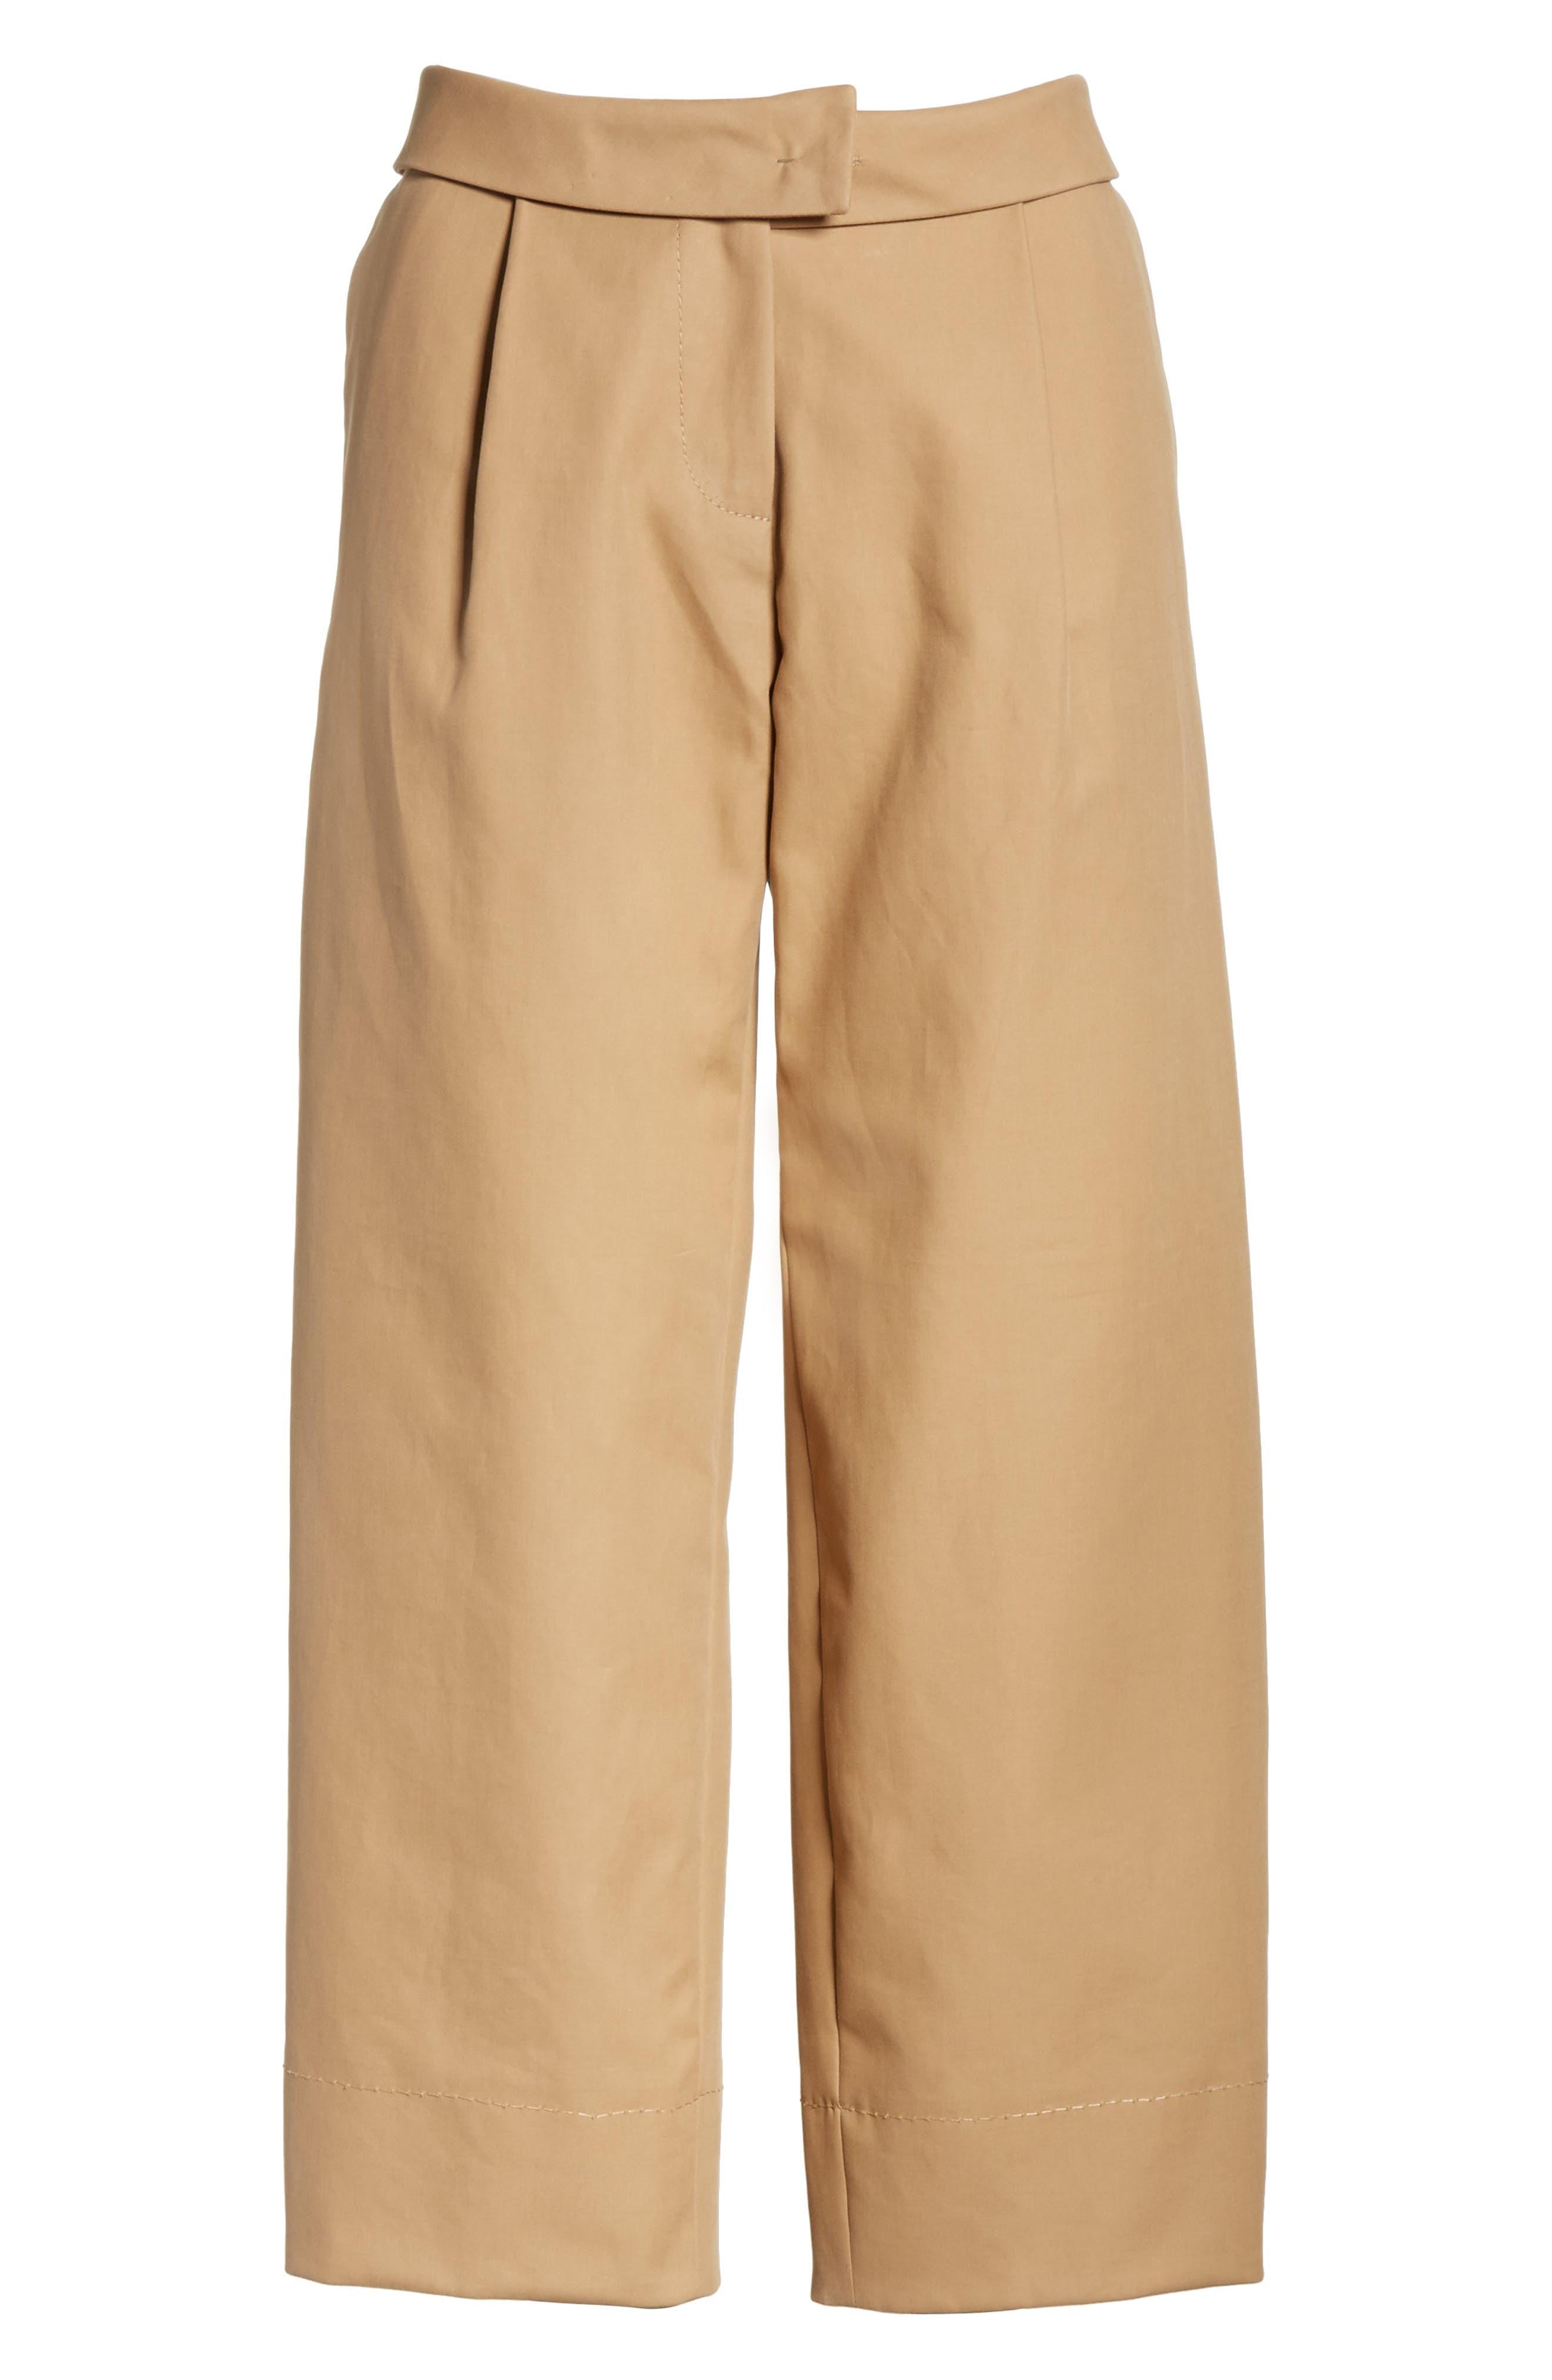 Cotton Crop Pants,                             Alternate thumbnail 5, color,                             Camel